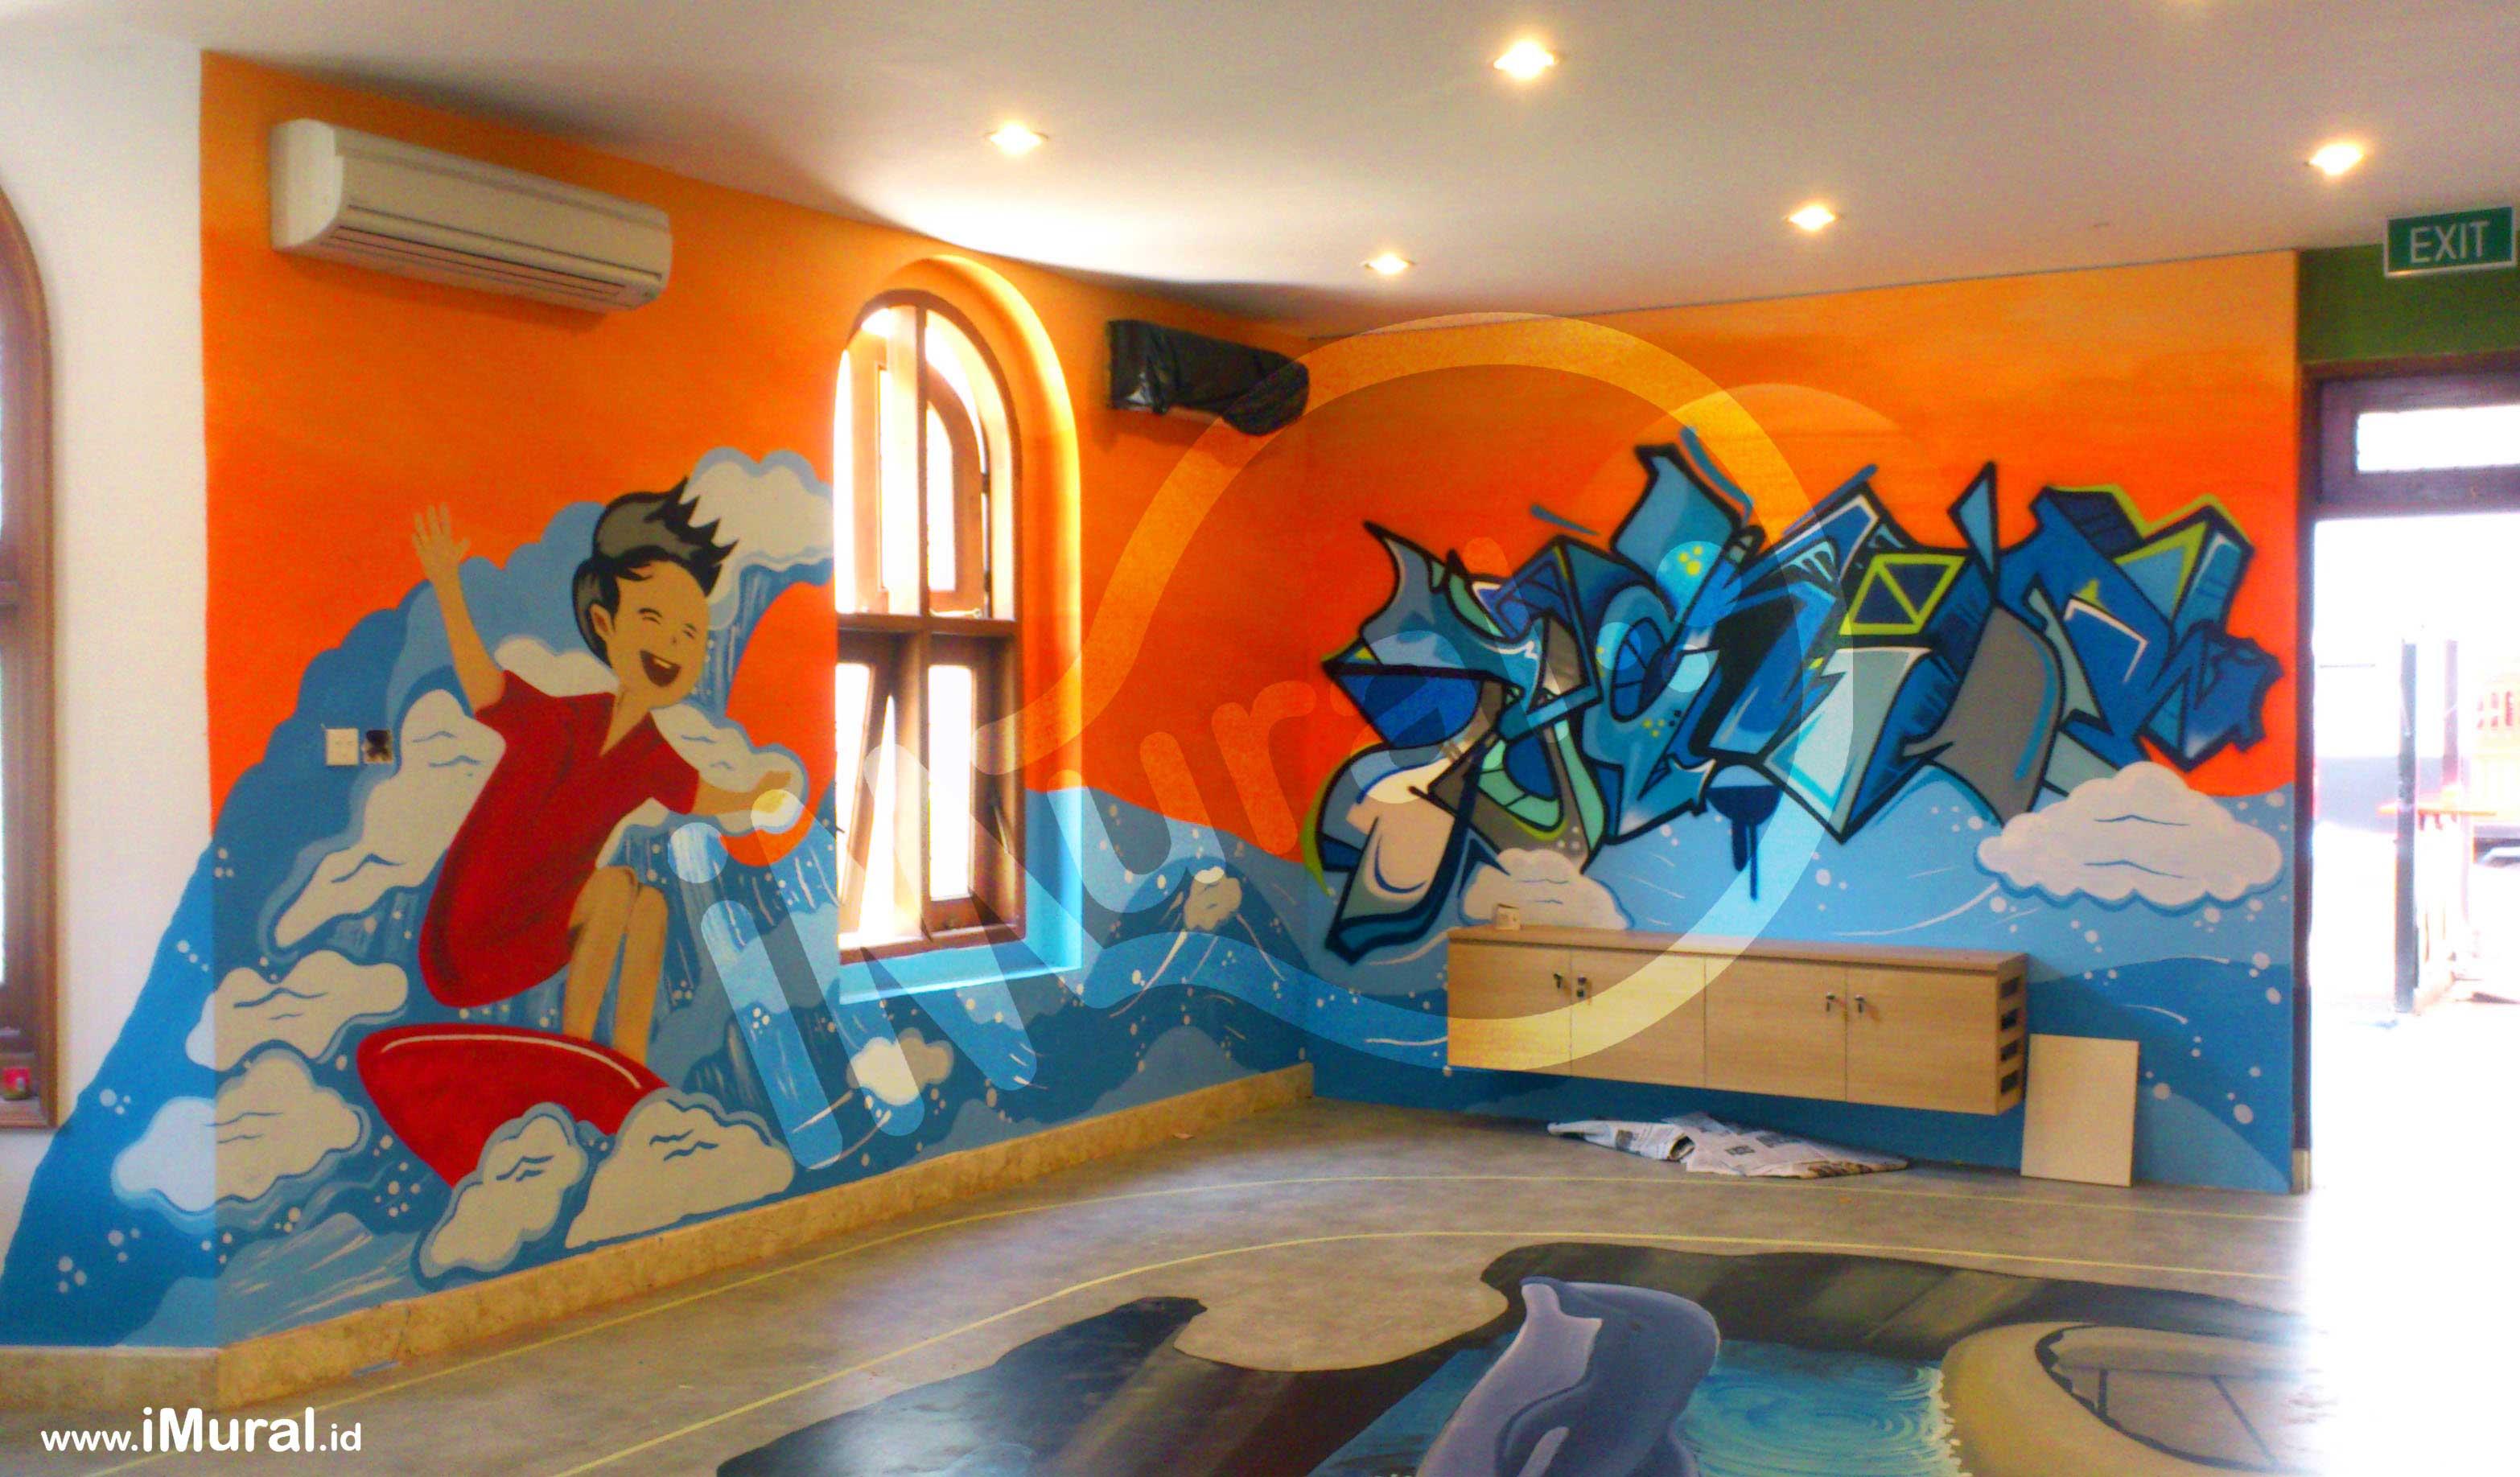 Graffiti vs mural imural for Mural indonesia